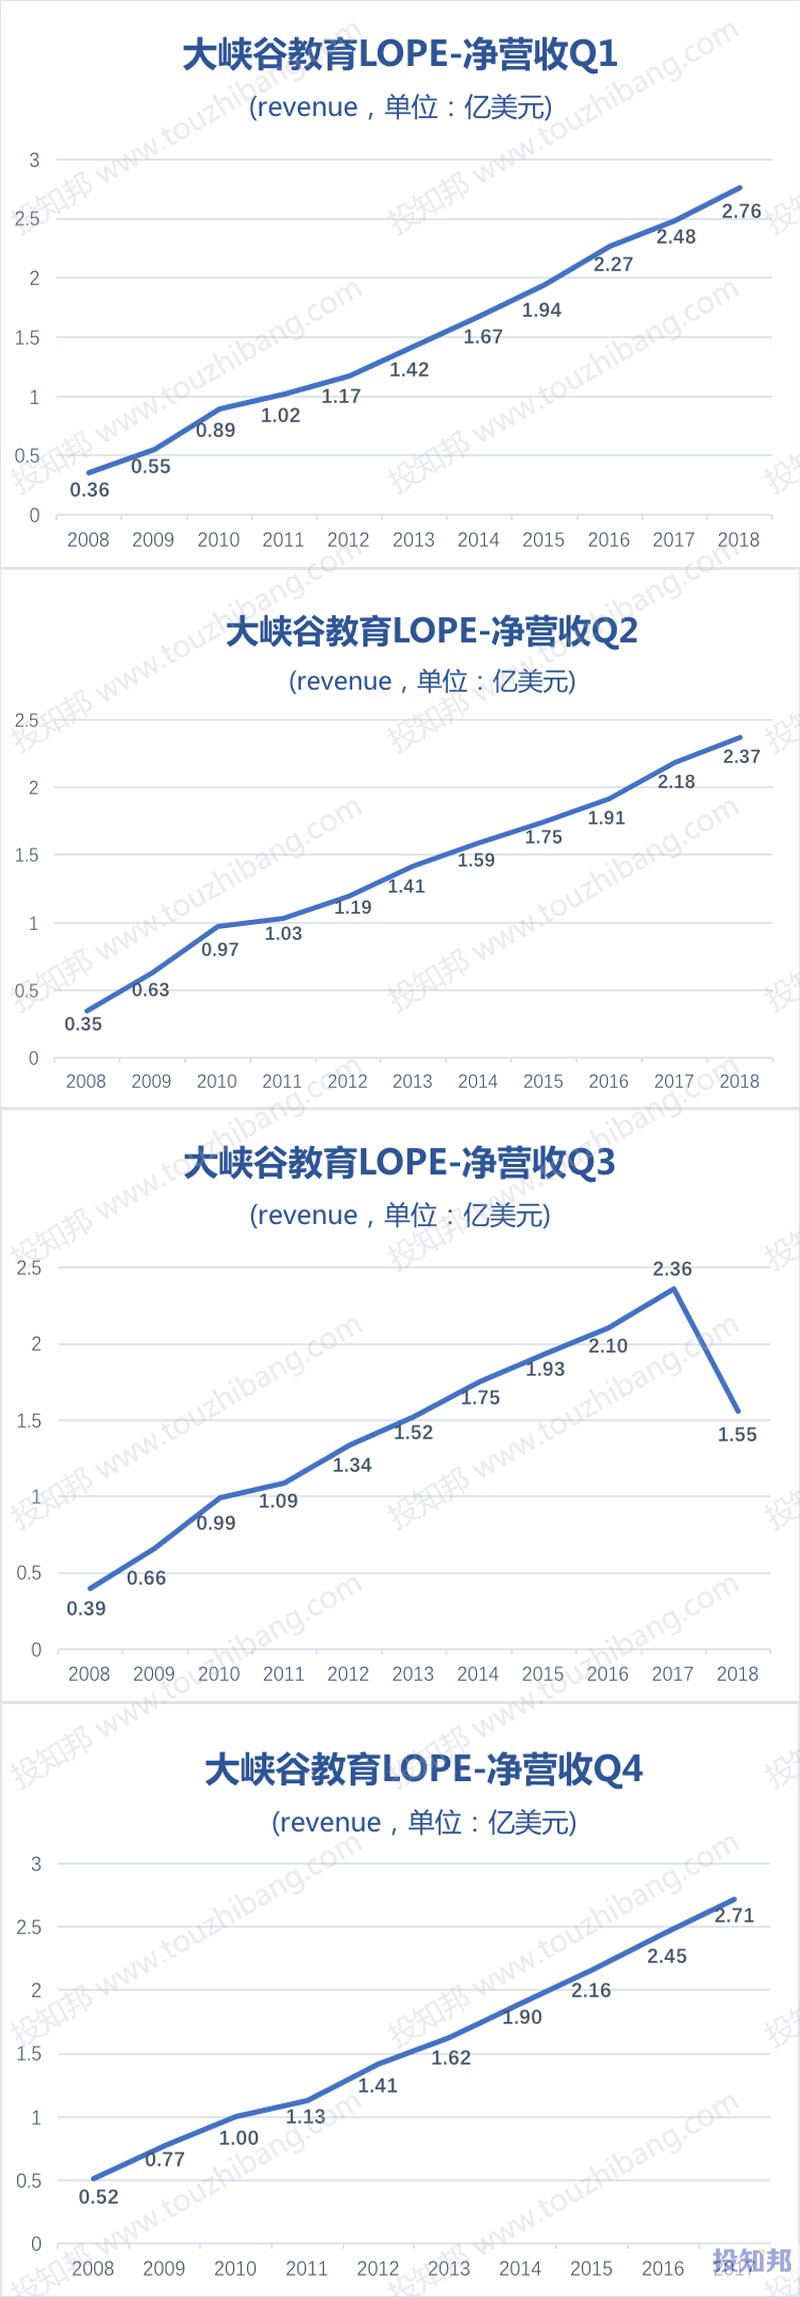 图解大峡谷教育(LOPE)财报数据(2008年至今)